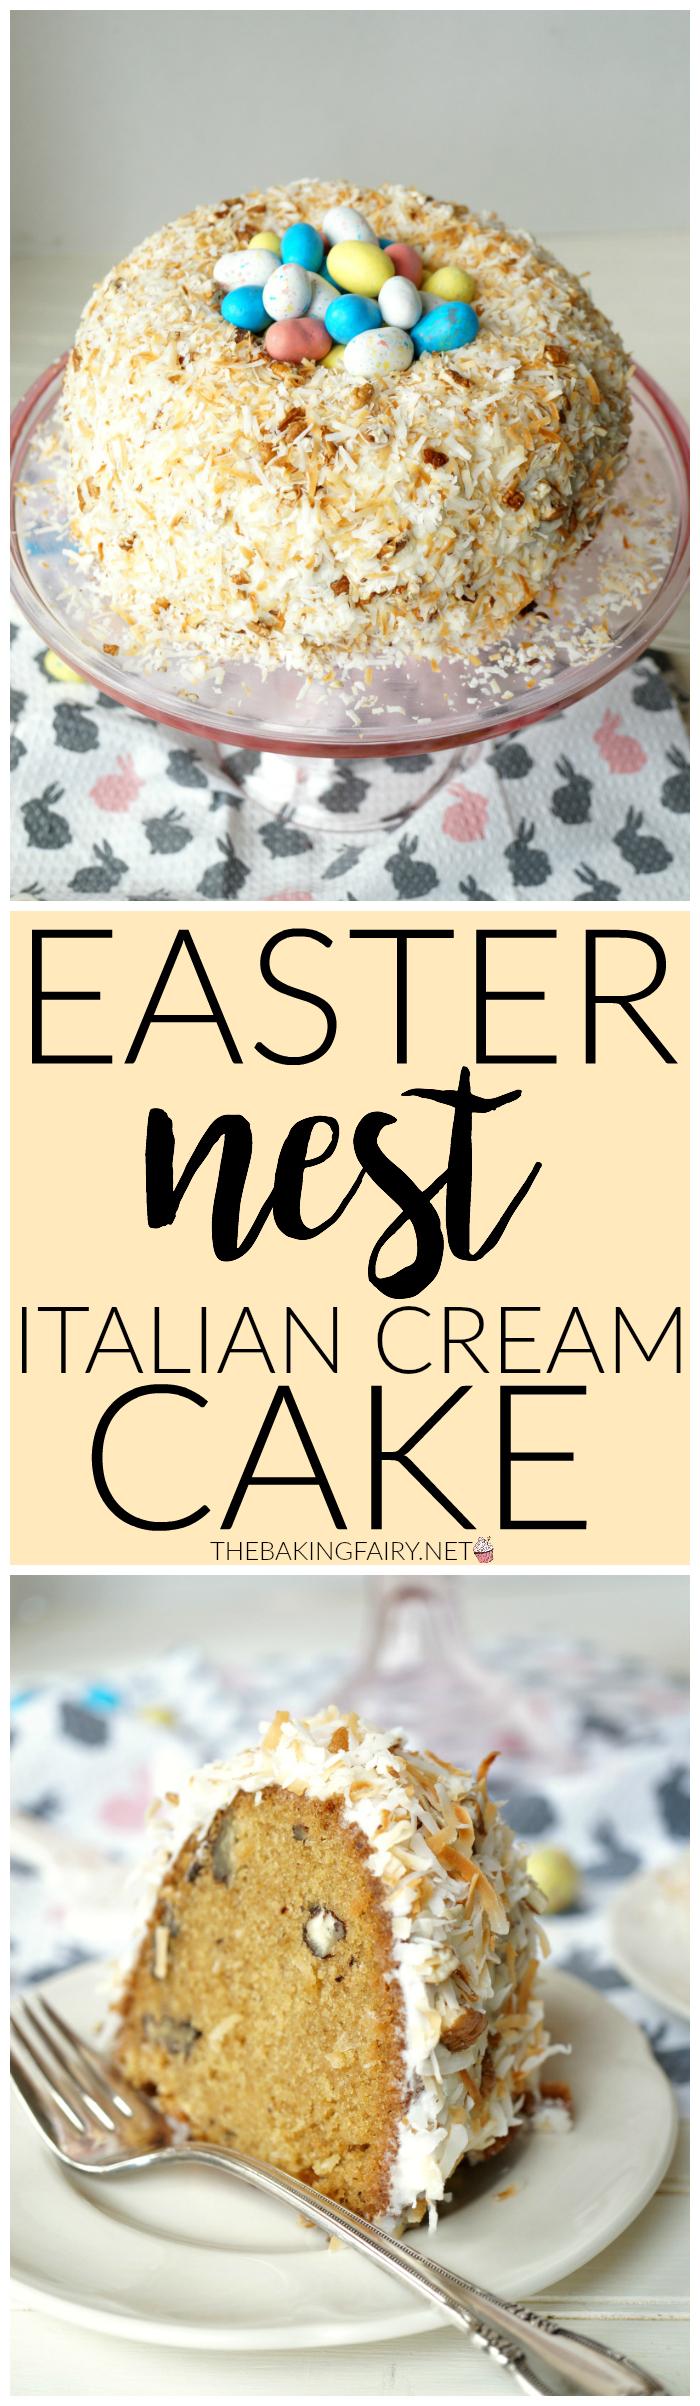 easter nest italian cream cake | The Baking Fairy